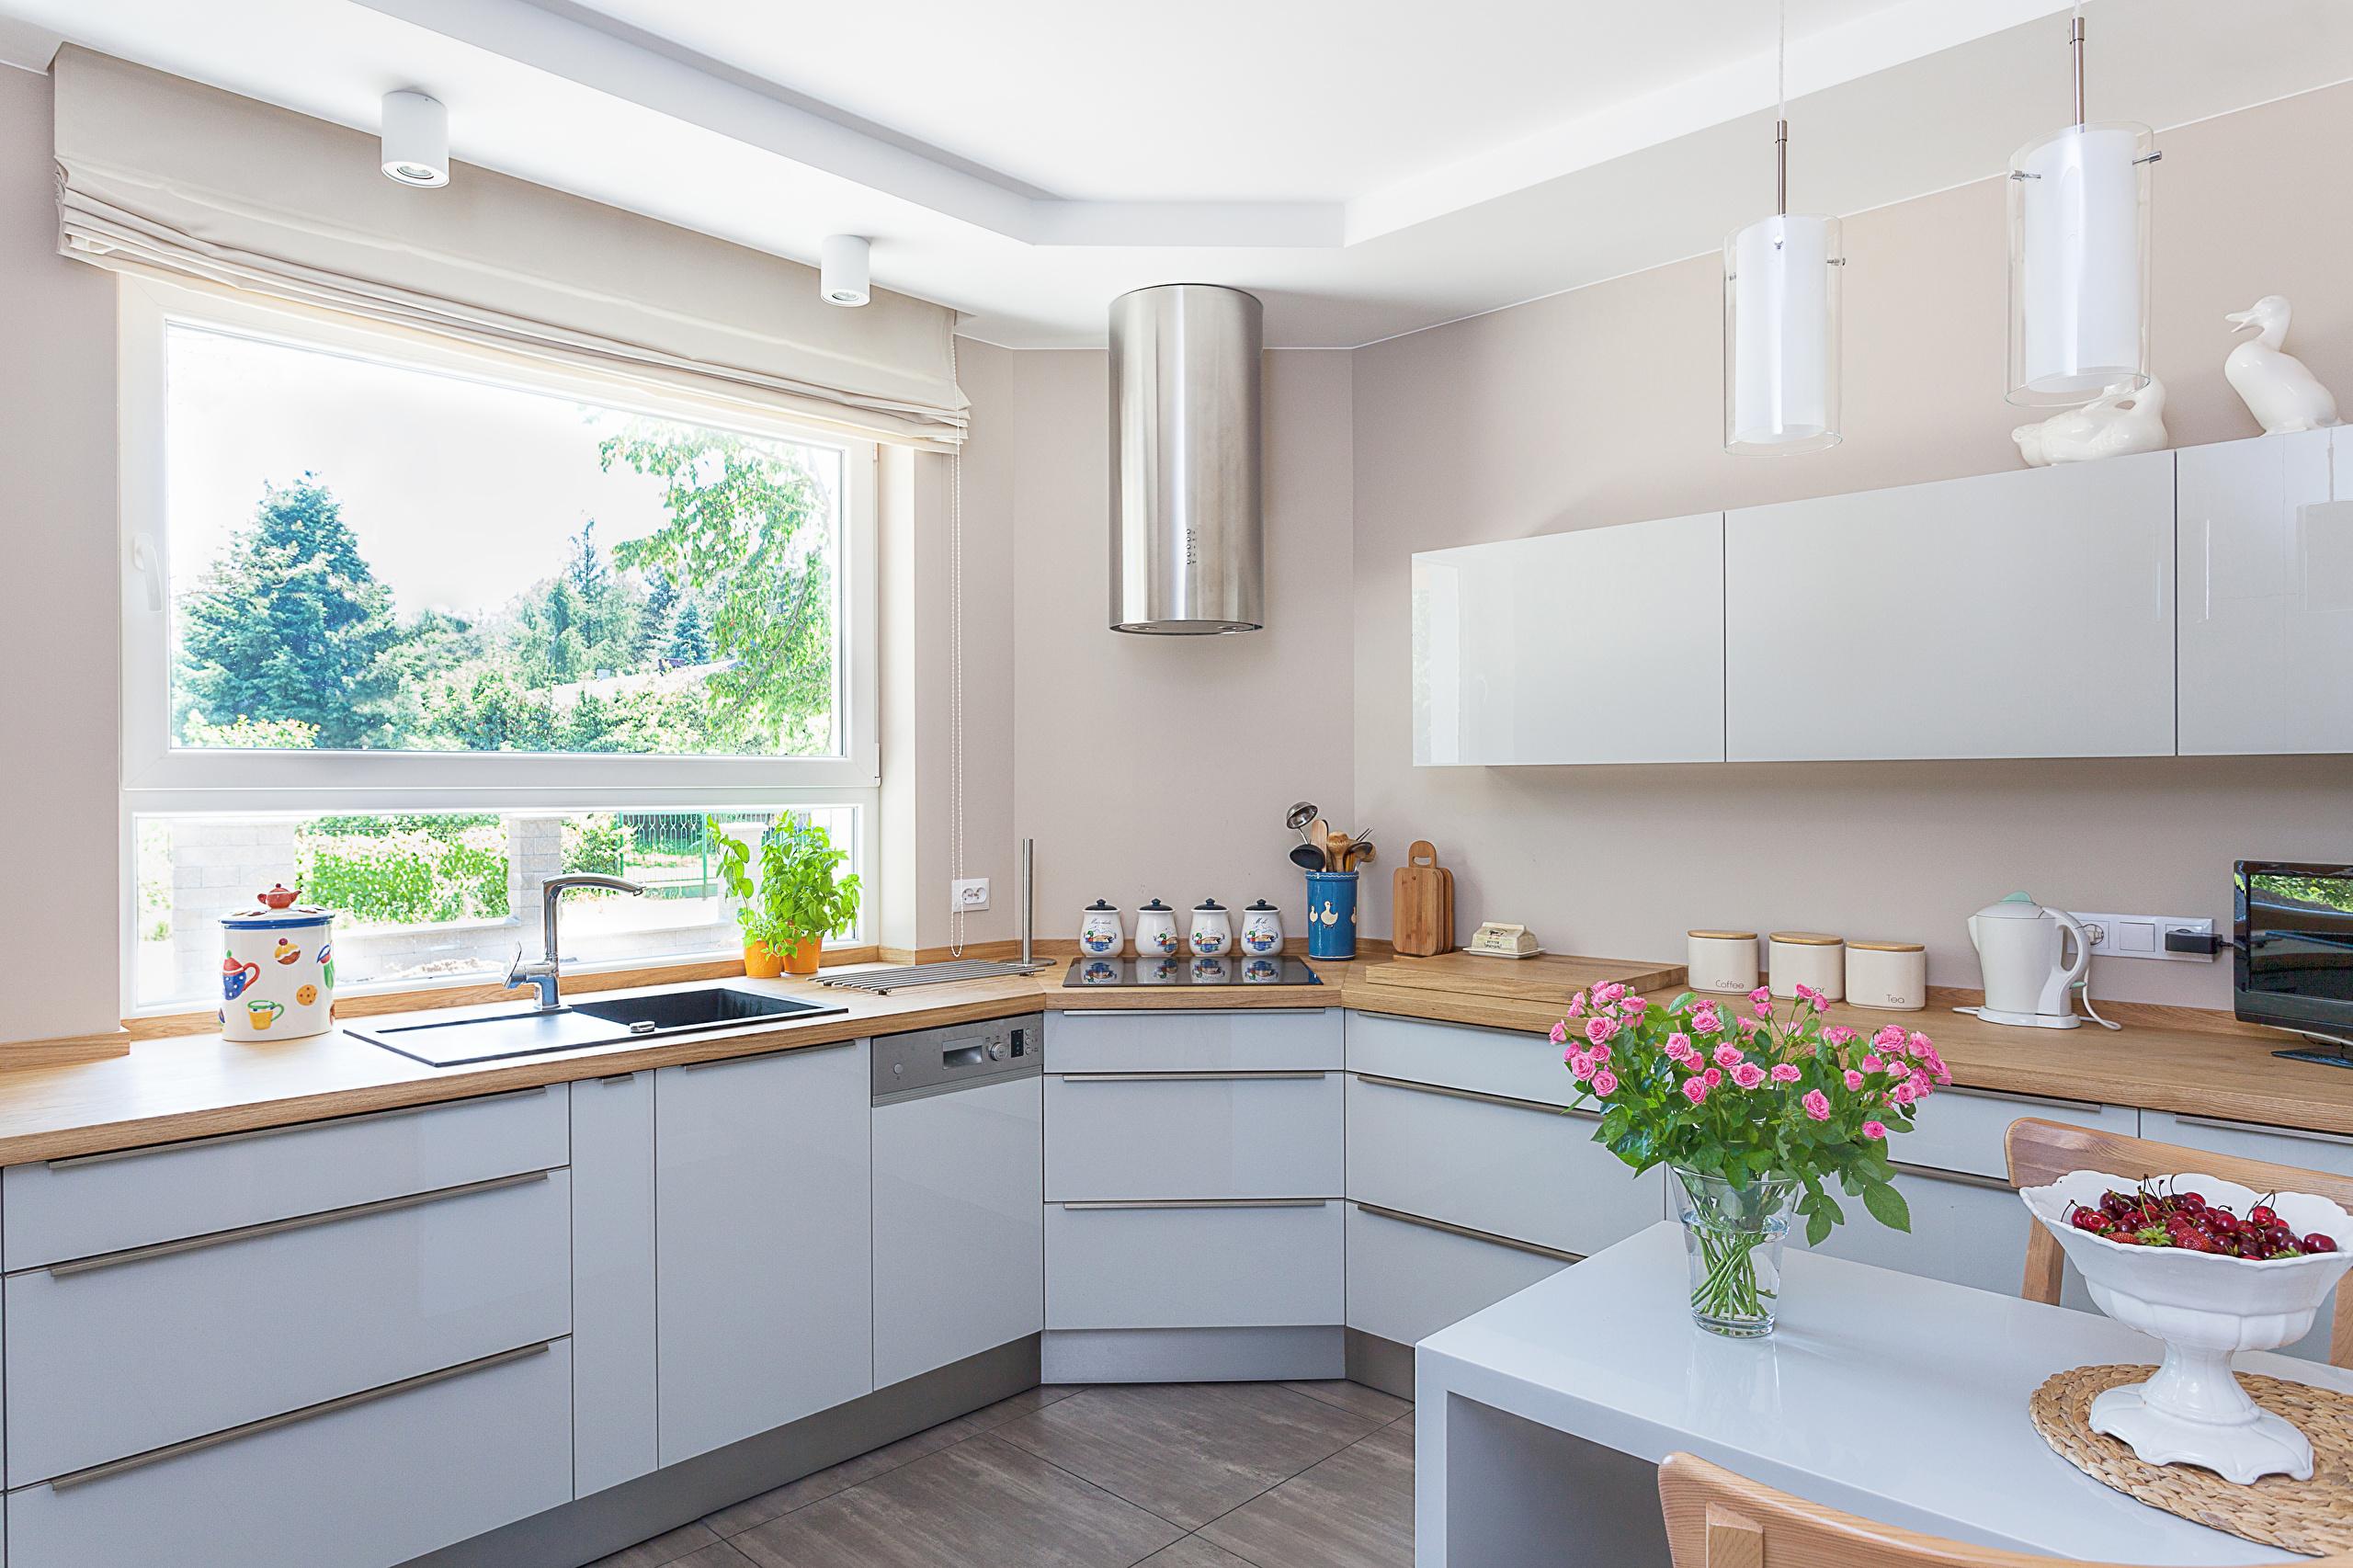 Современная кухня с окном дизайн фото